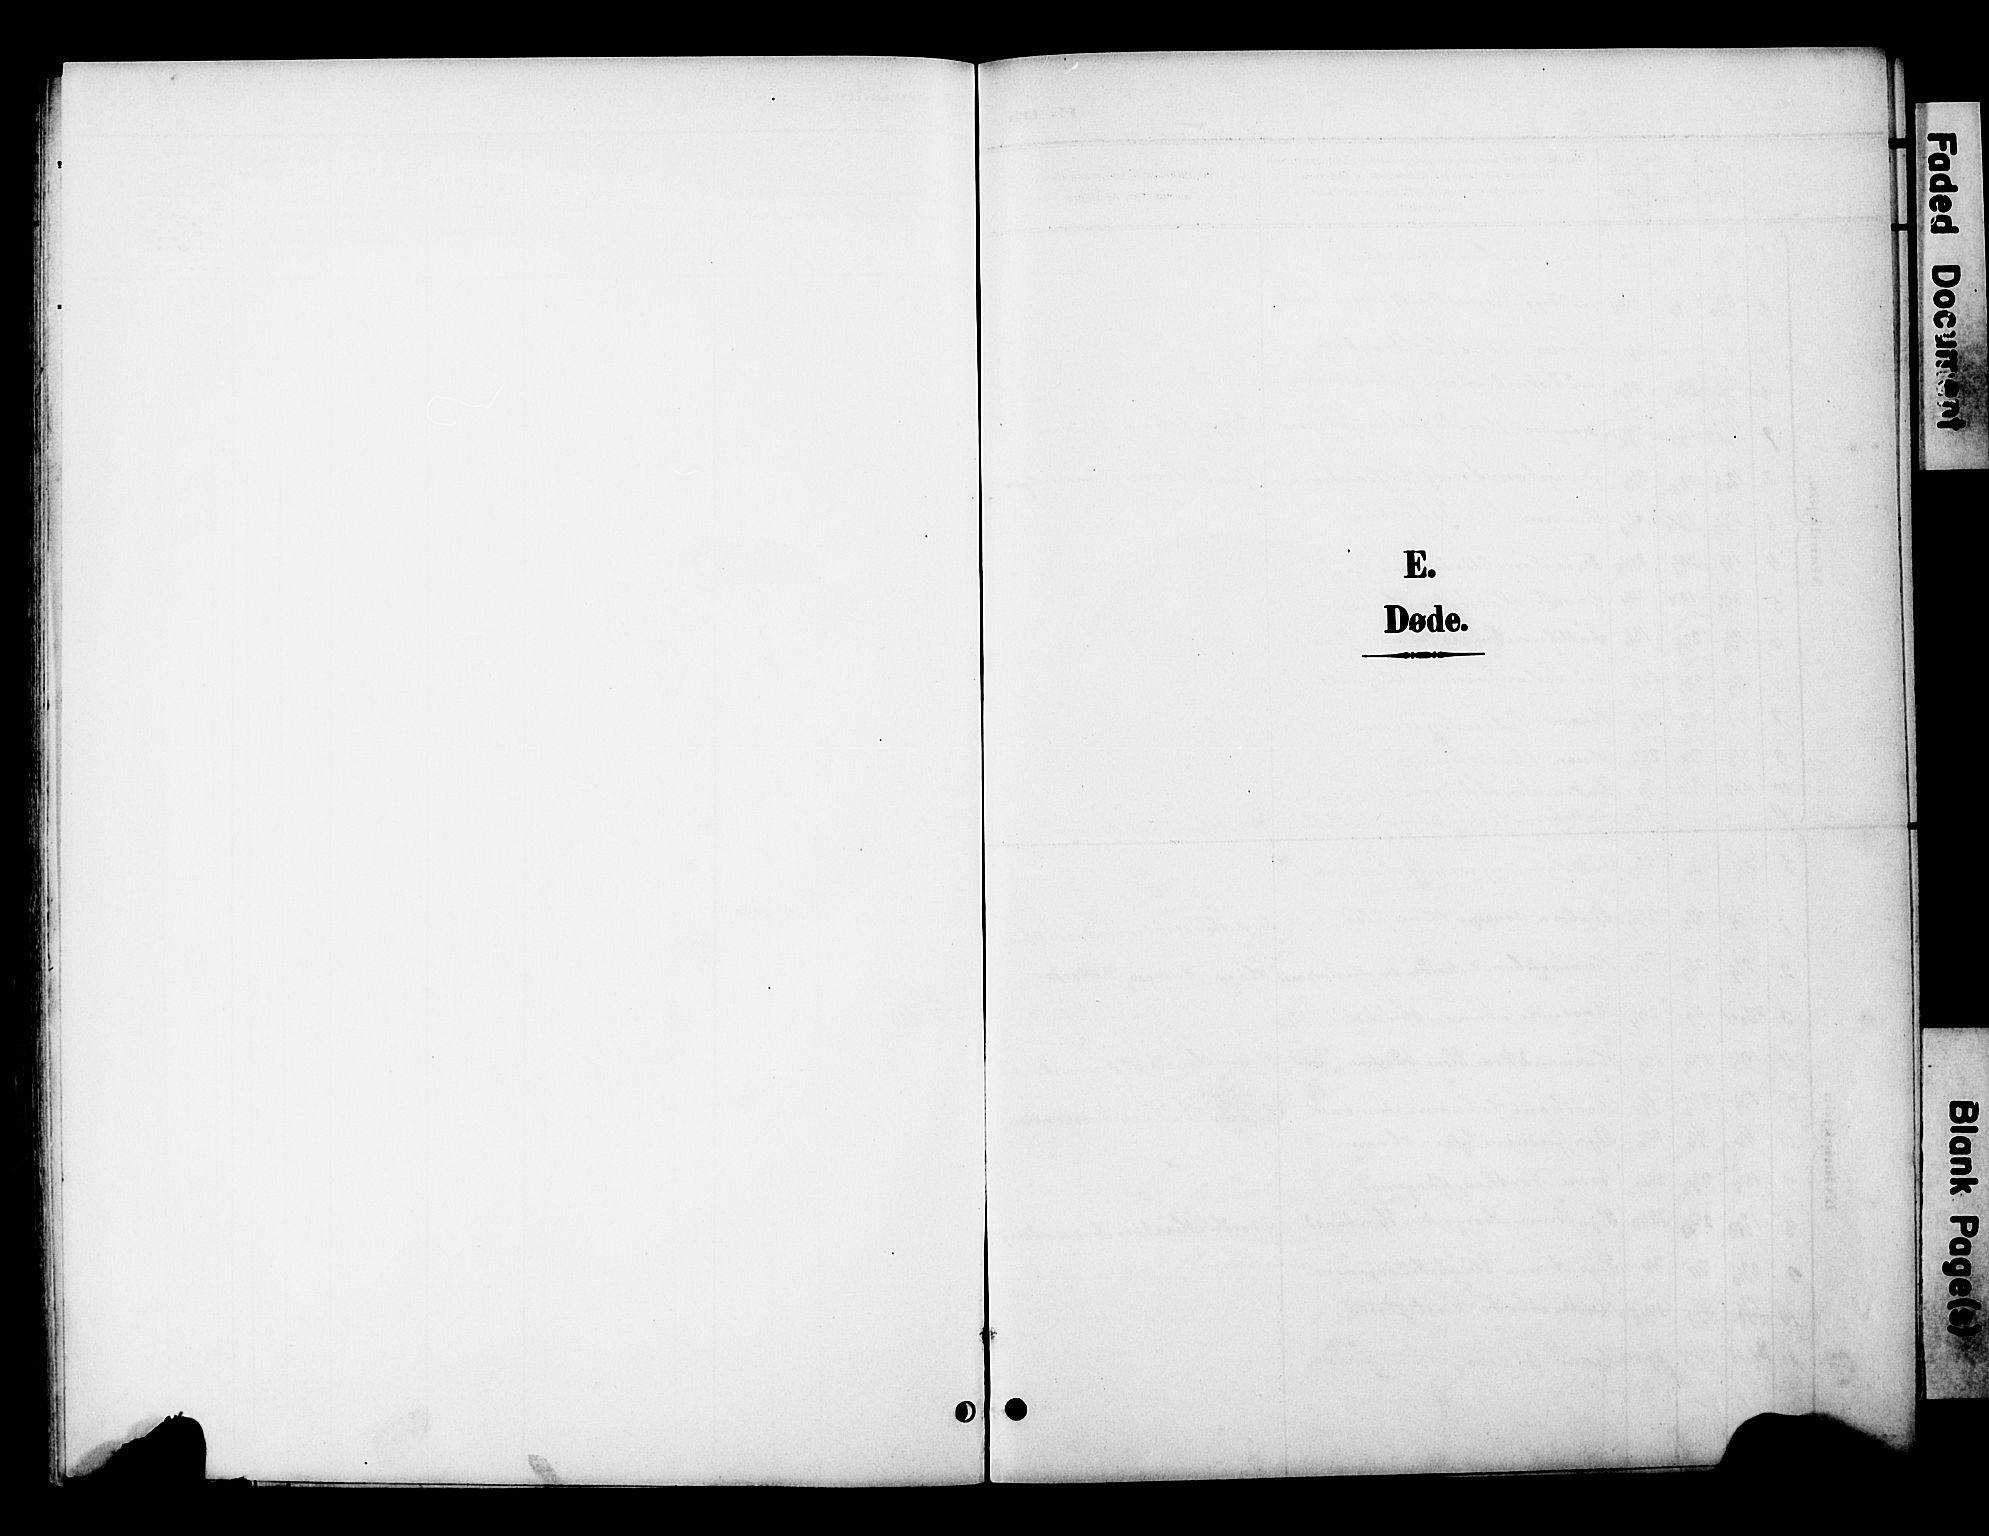 SAT, Ministerialprotokoller, klokkerbøker og fødselsregistre - Sør-Trøndelag, 654/L0666: Klokkerbok nr. 654C02, 1901-1925